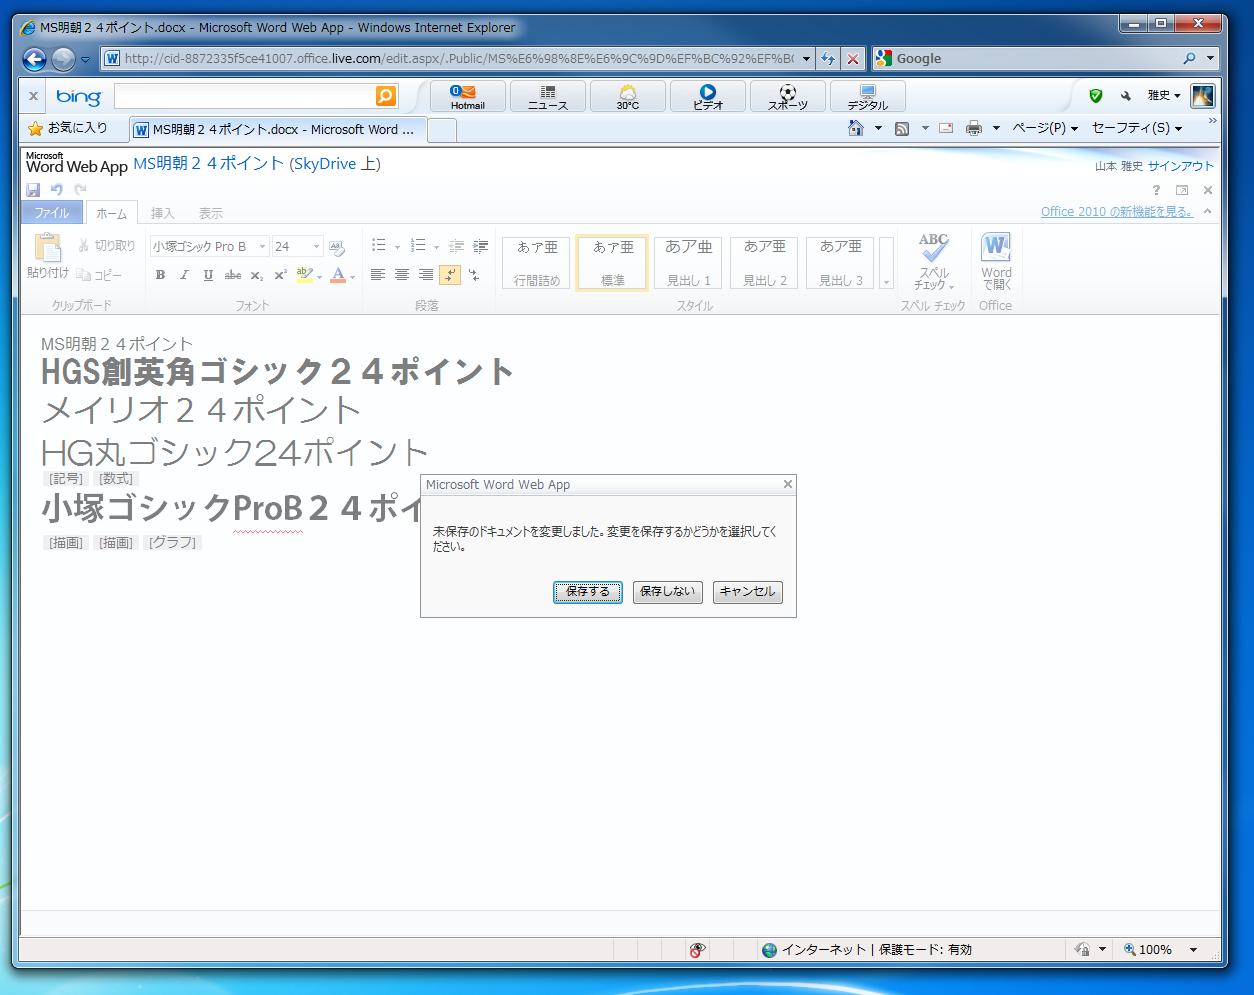 Office Web Appは、保存というメニューが用意されていない。終了する時に、自動的に文書を保存するか確認してくる